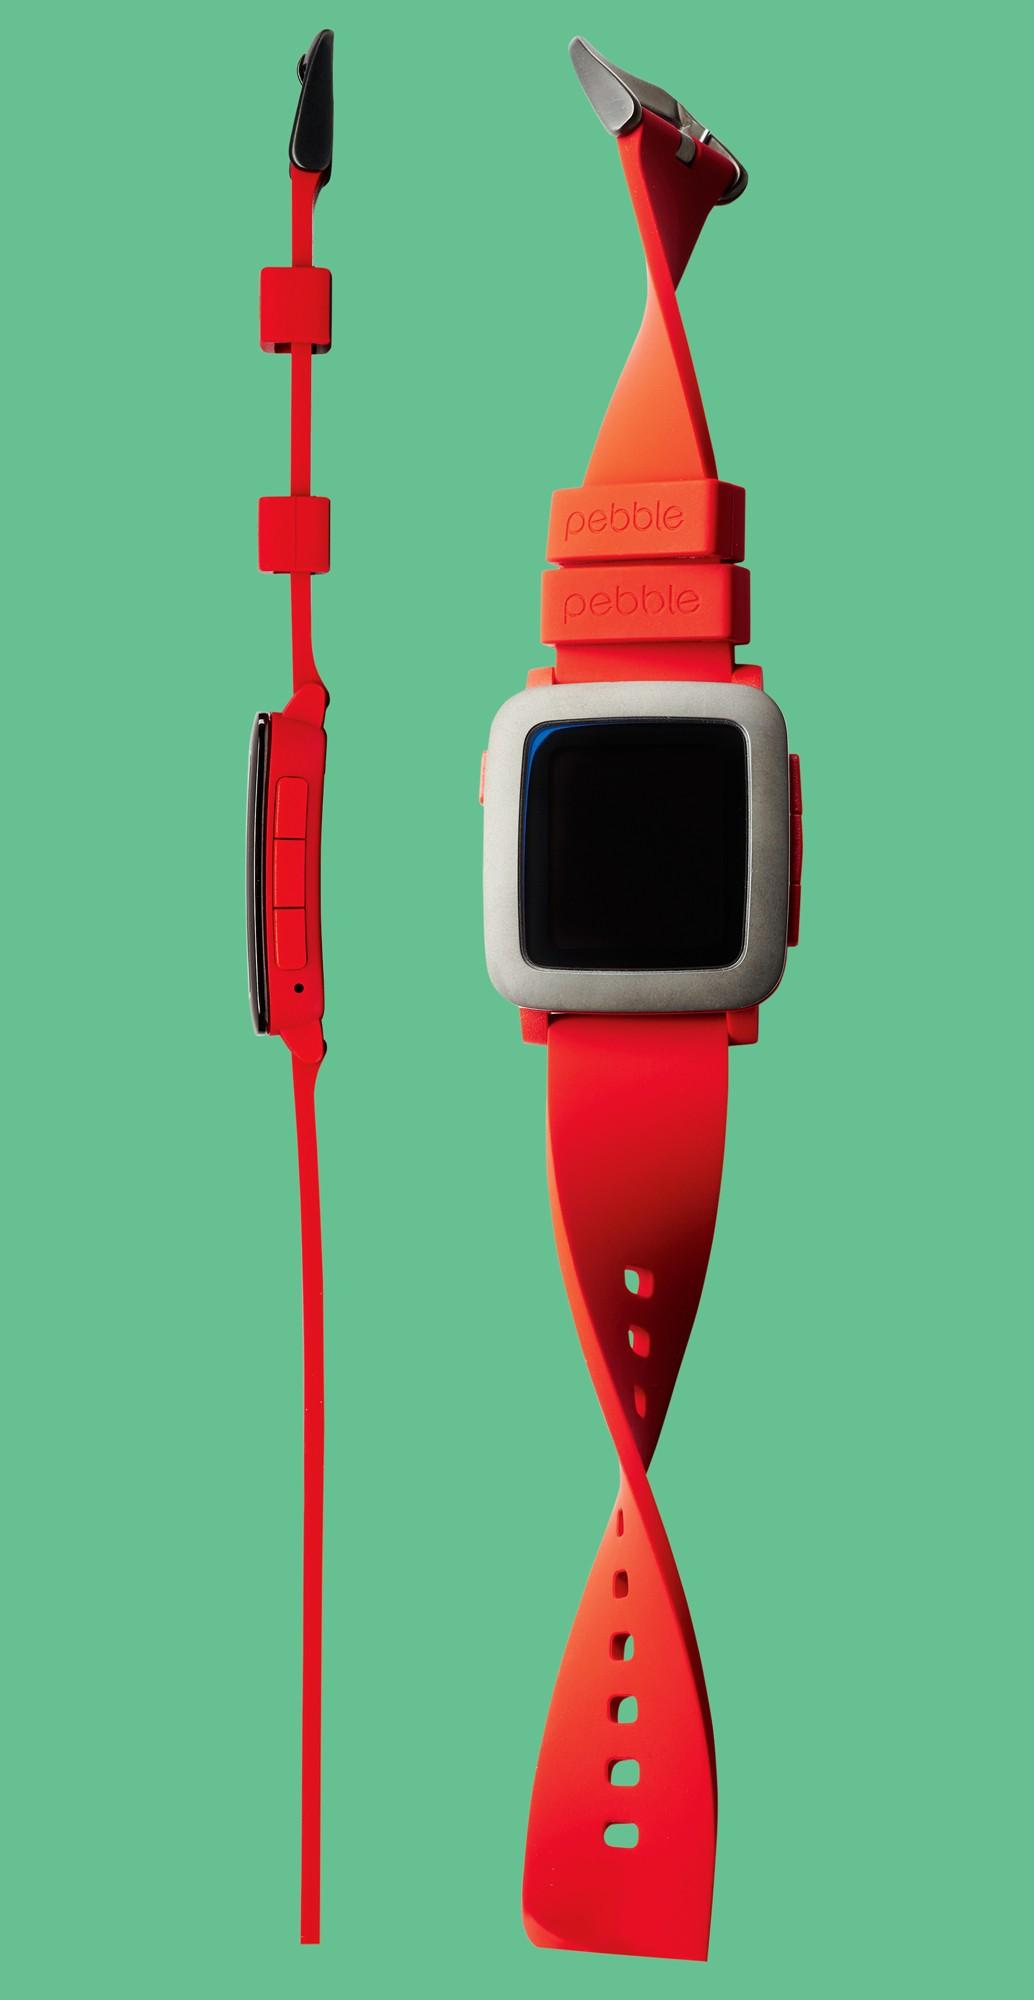 Time korzysta z 22-milimetro- wych pasków, które możesz zastąpić dowolnym modelem paska o tej samej szerokości.